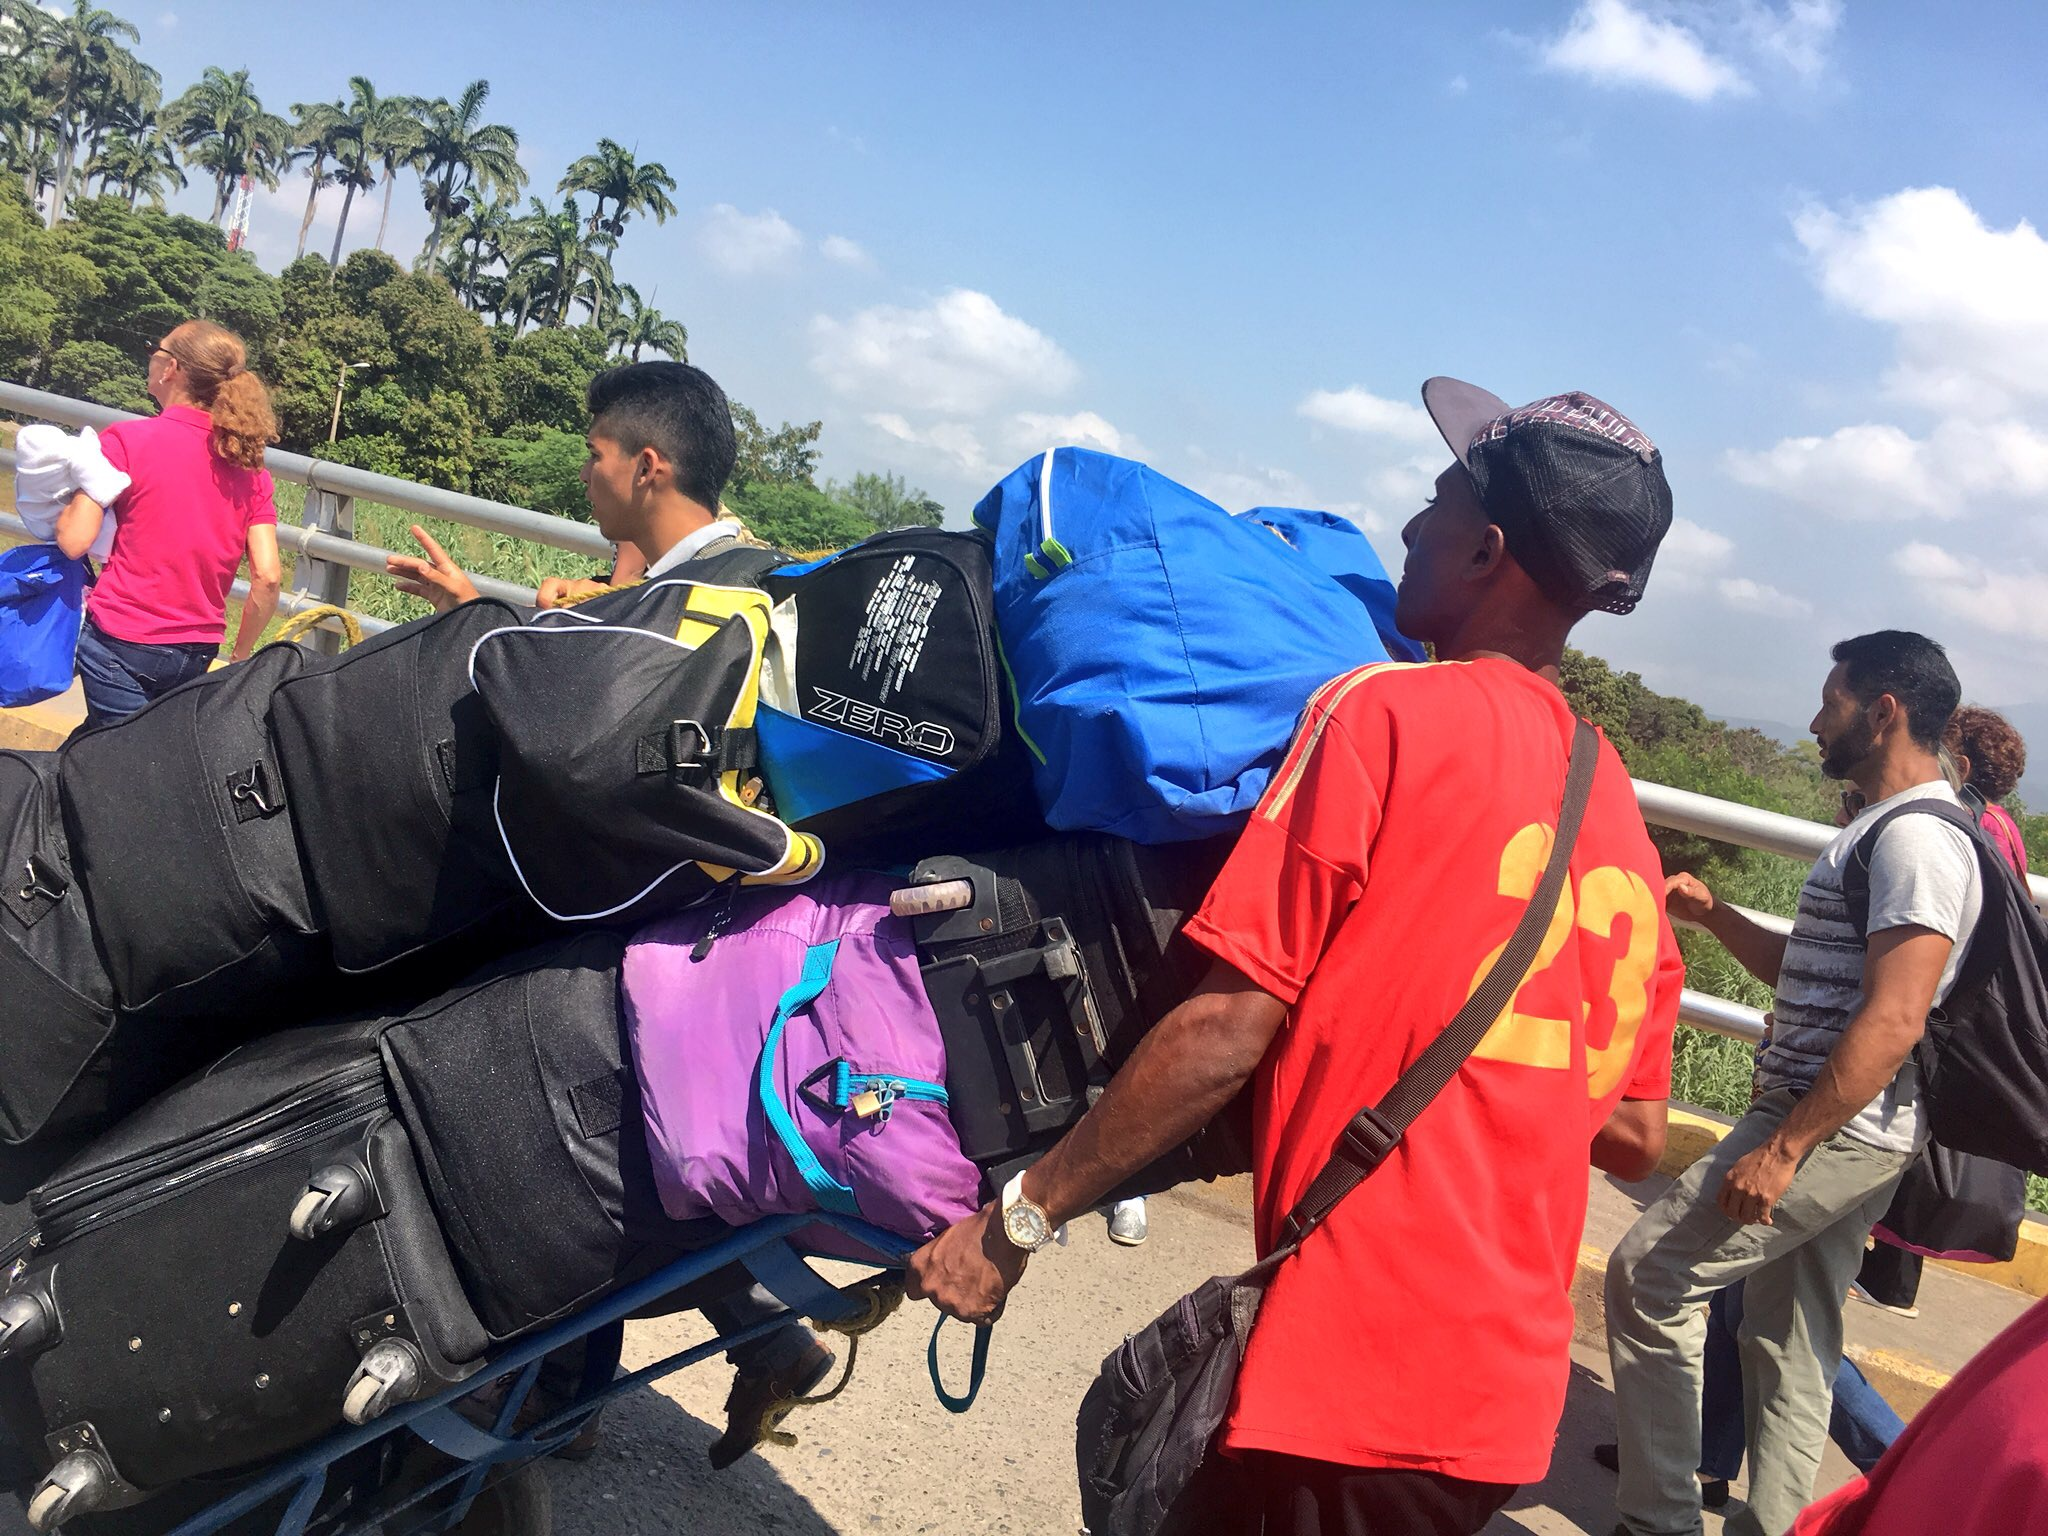 Personas cruzando la frontera con sus maletas